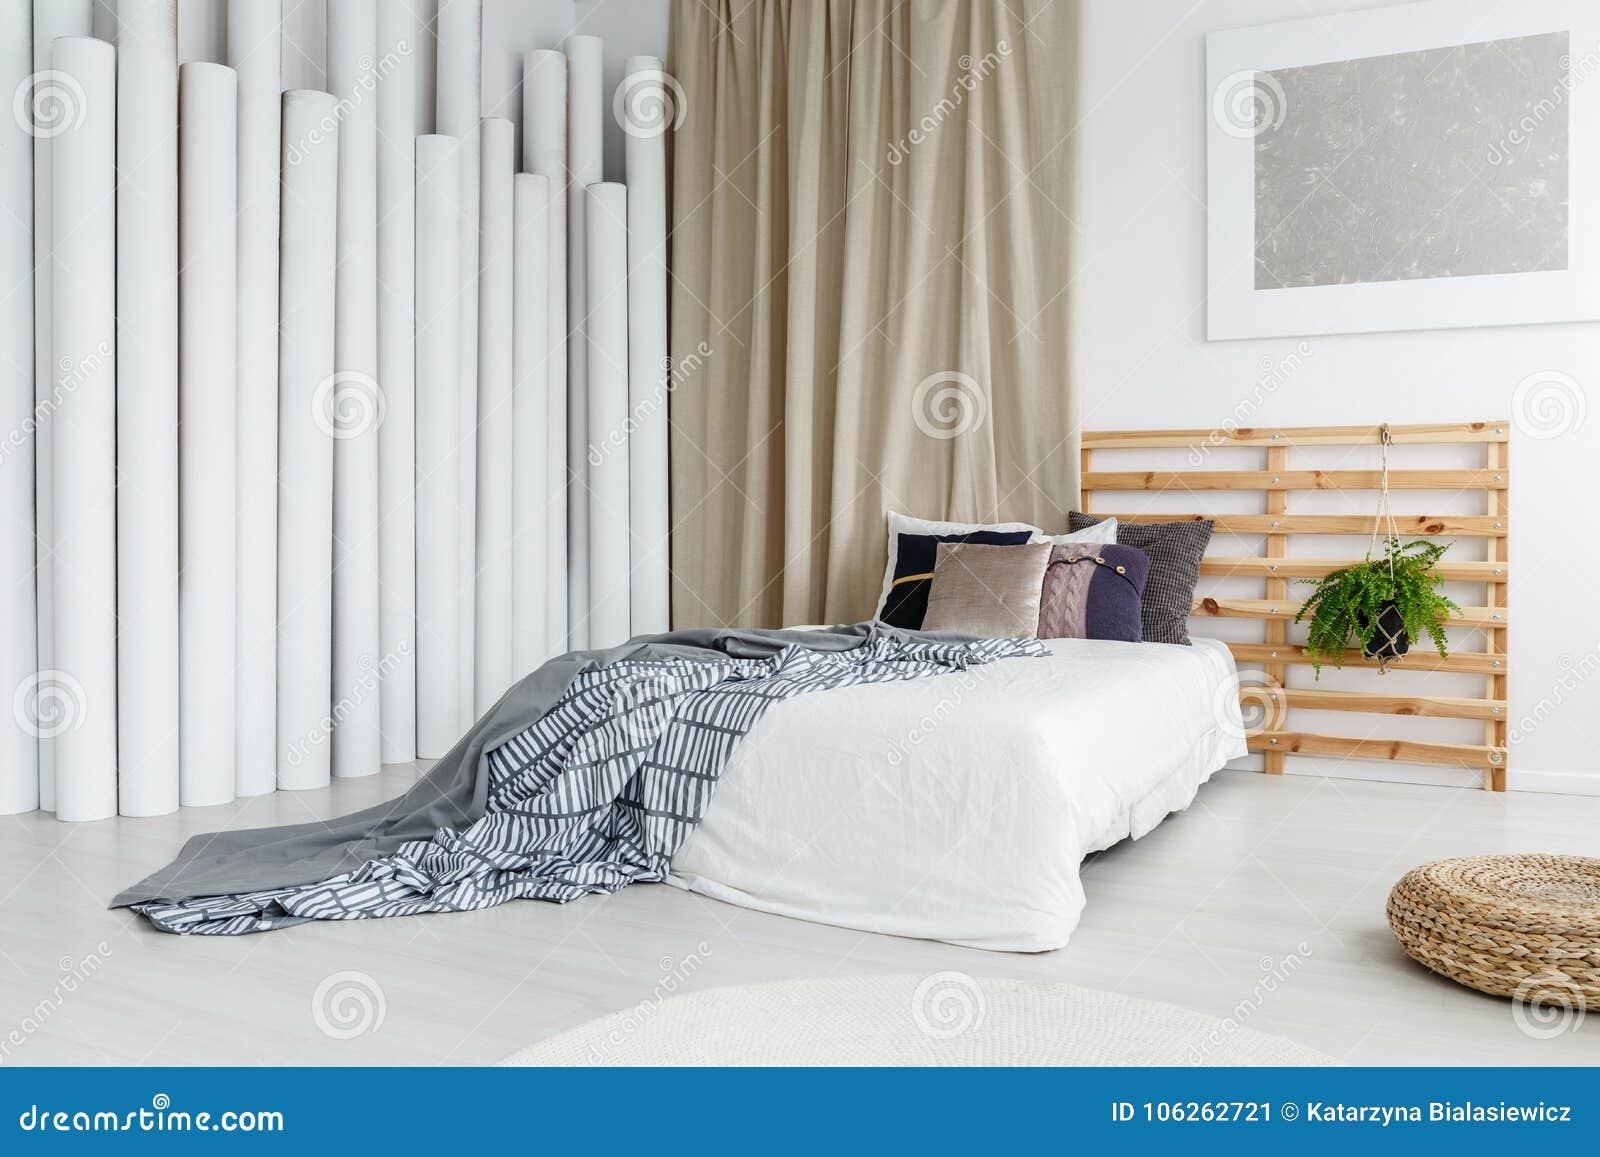 Parete Camera Da Letto Argento : Pittura d argento nella camera da letto specializzata immagine